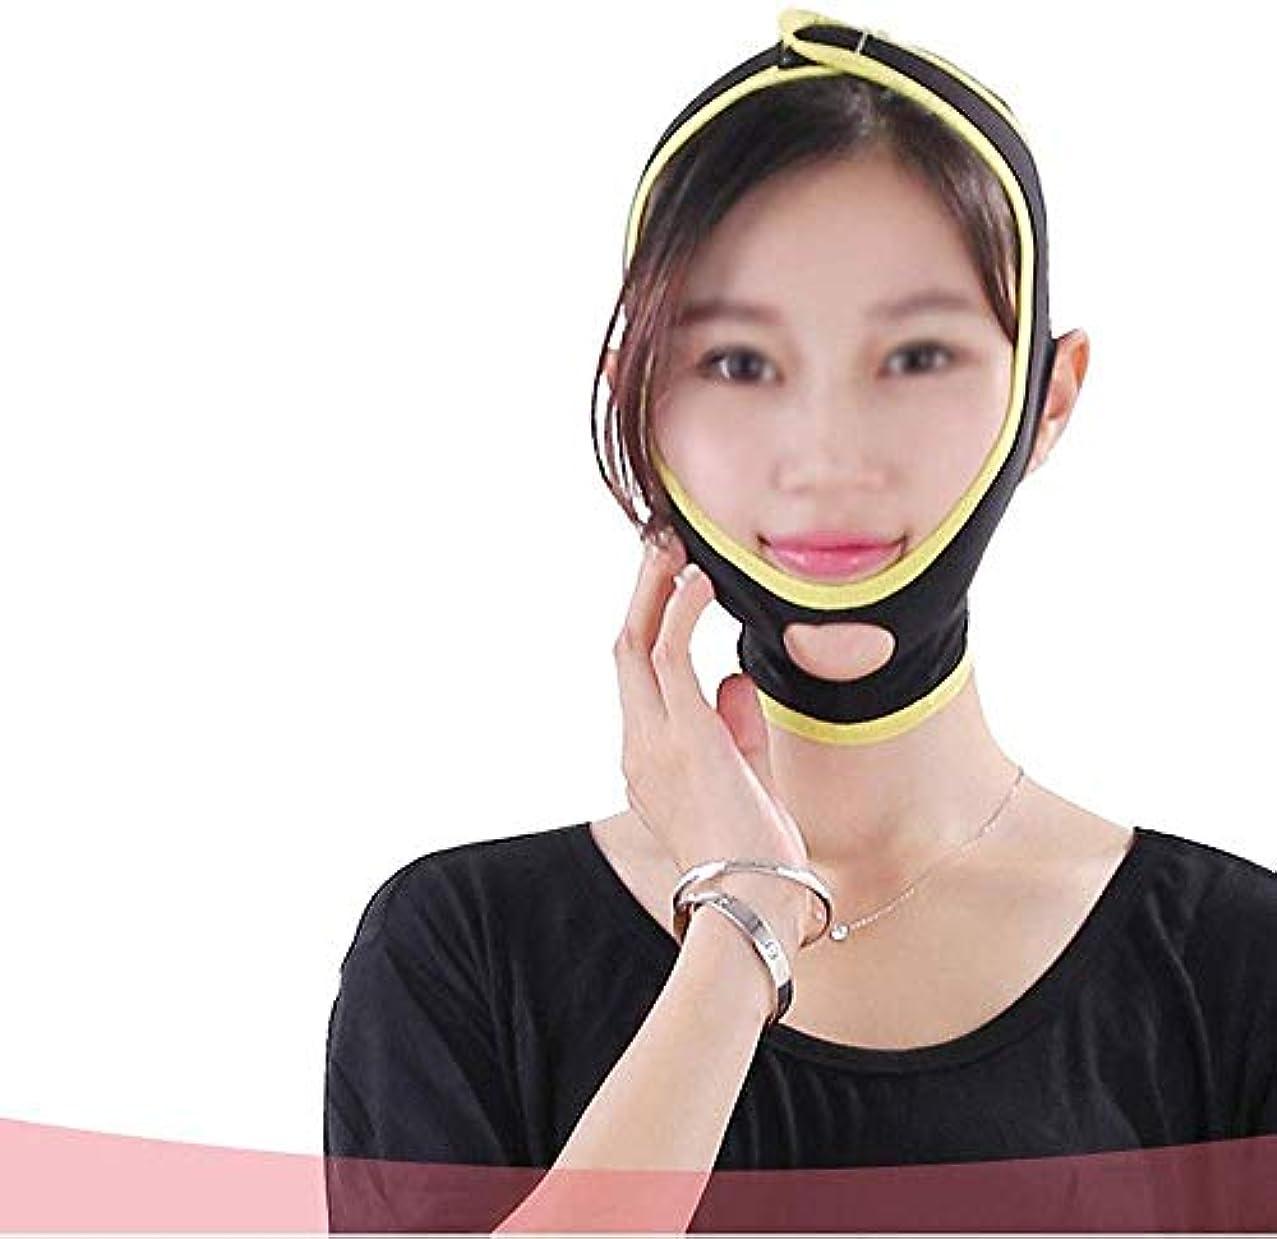 画面マダムリサイクルする美容と実用的な薄い顔の包帯 睡眠小さなVフェイスマスクリフトは、肌のアーティファクトを引き締めますダブルチンフェイシャル減量包帯(サイズ:M)